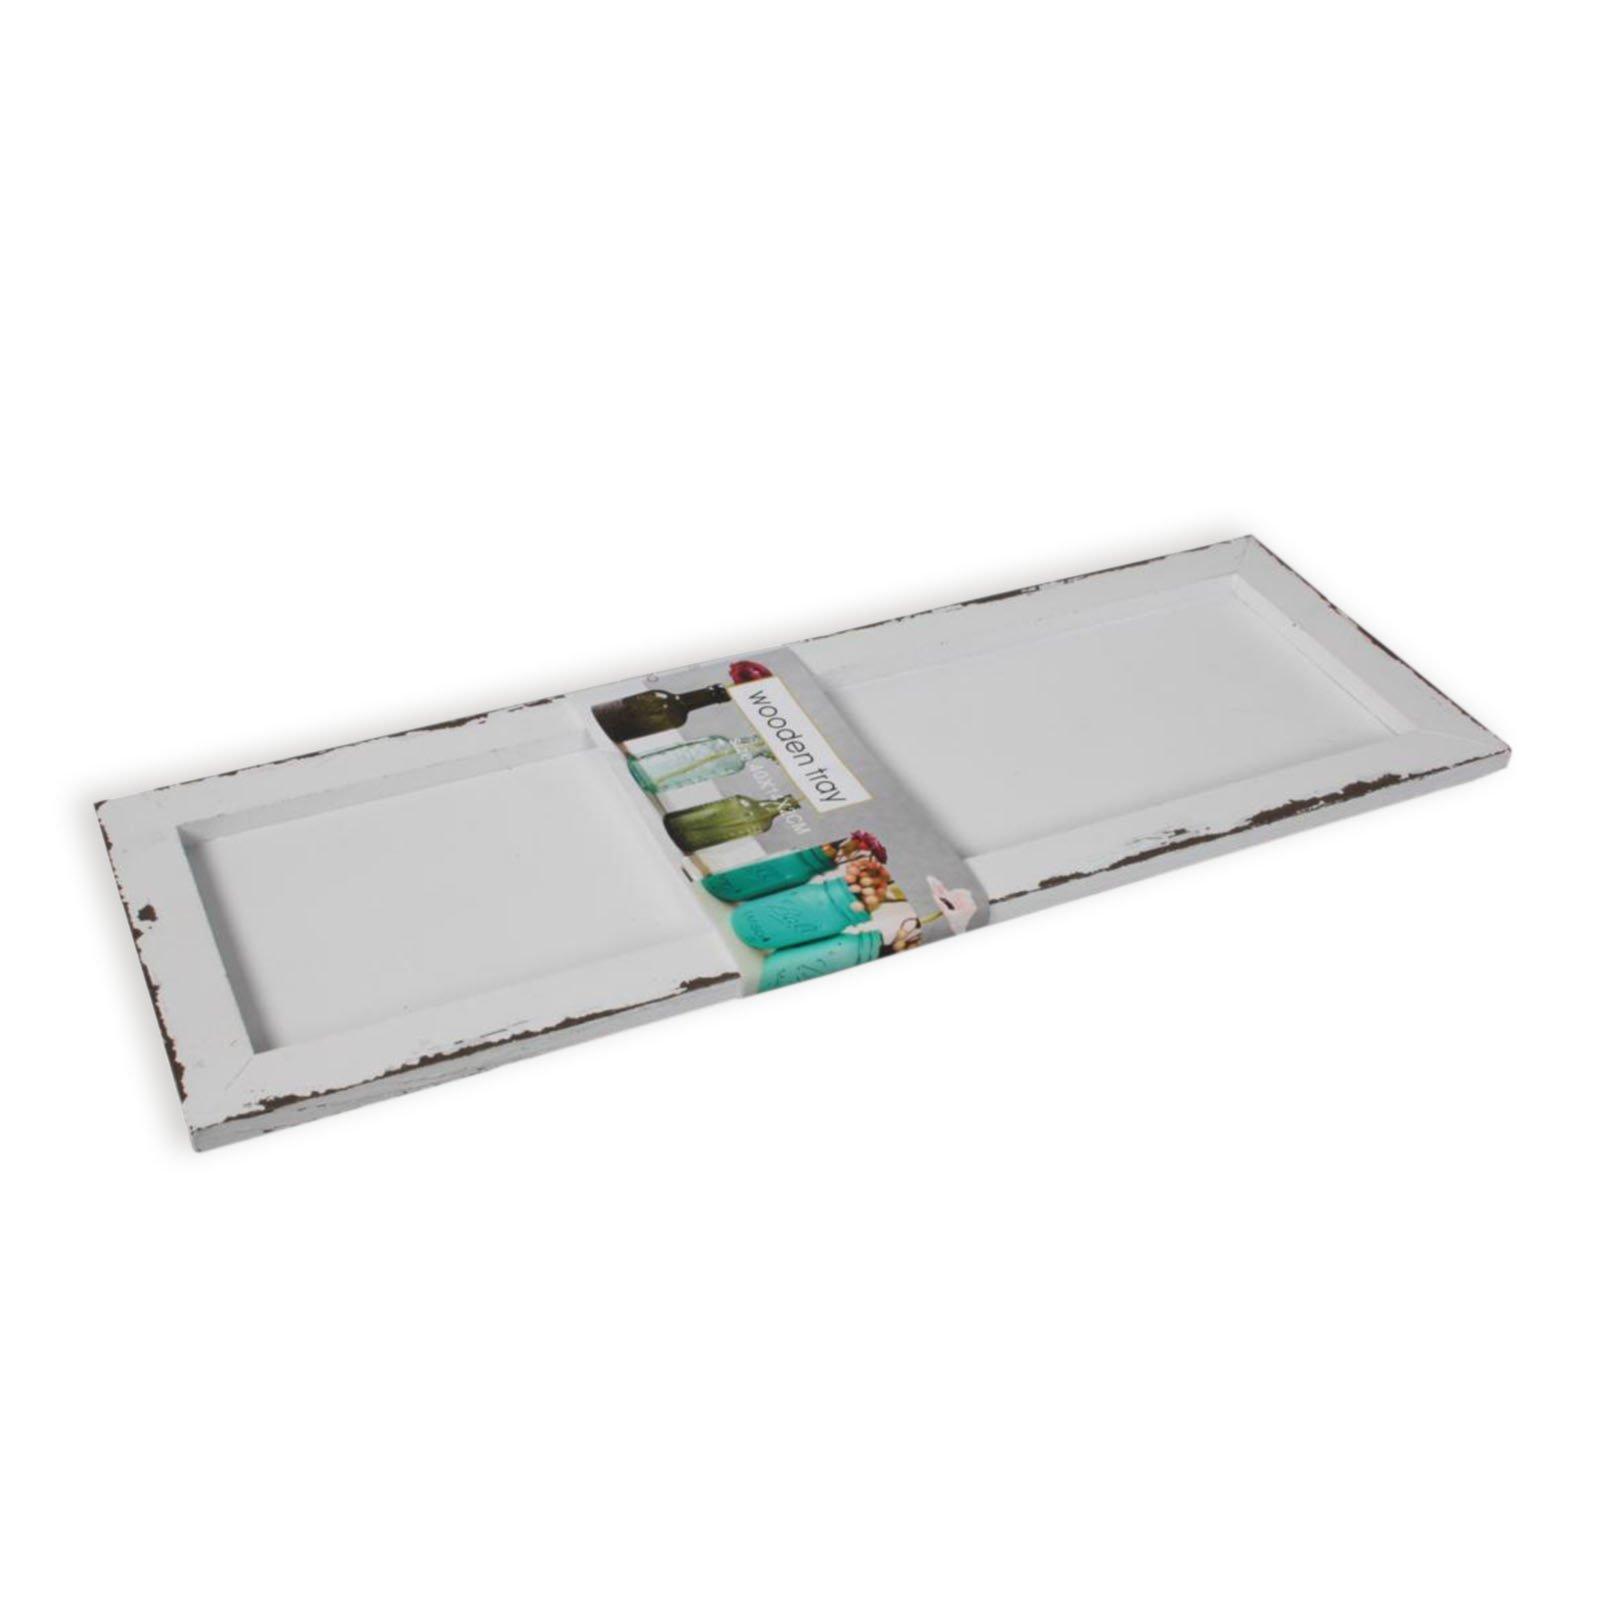 Roller deko teller wei gewischt holz 40 cm lang ebay - Roller deko ...